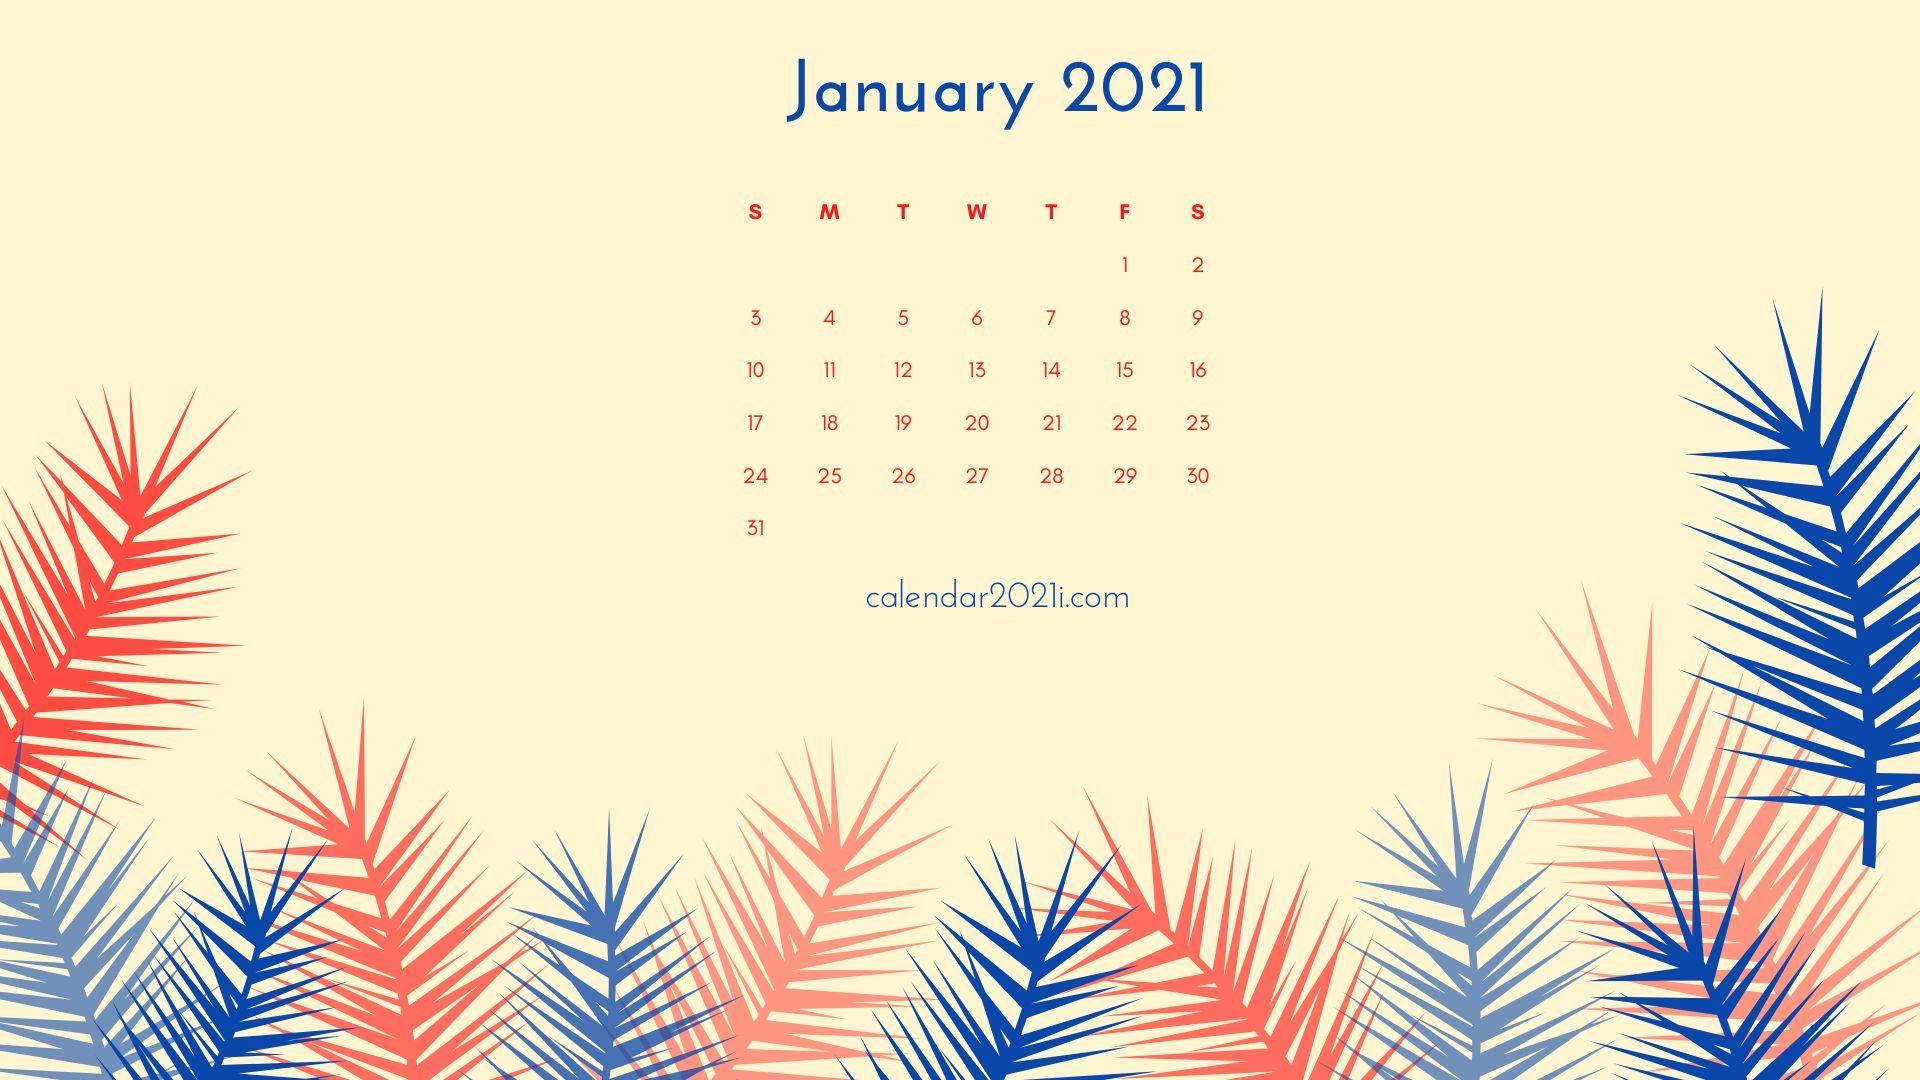 Calendar 2021 Wallpapers 1920x1080